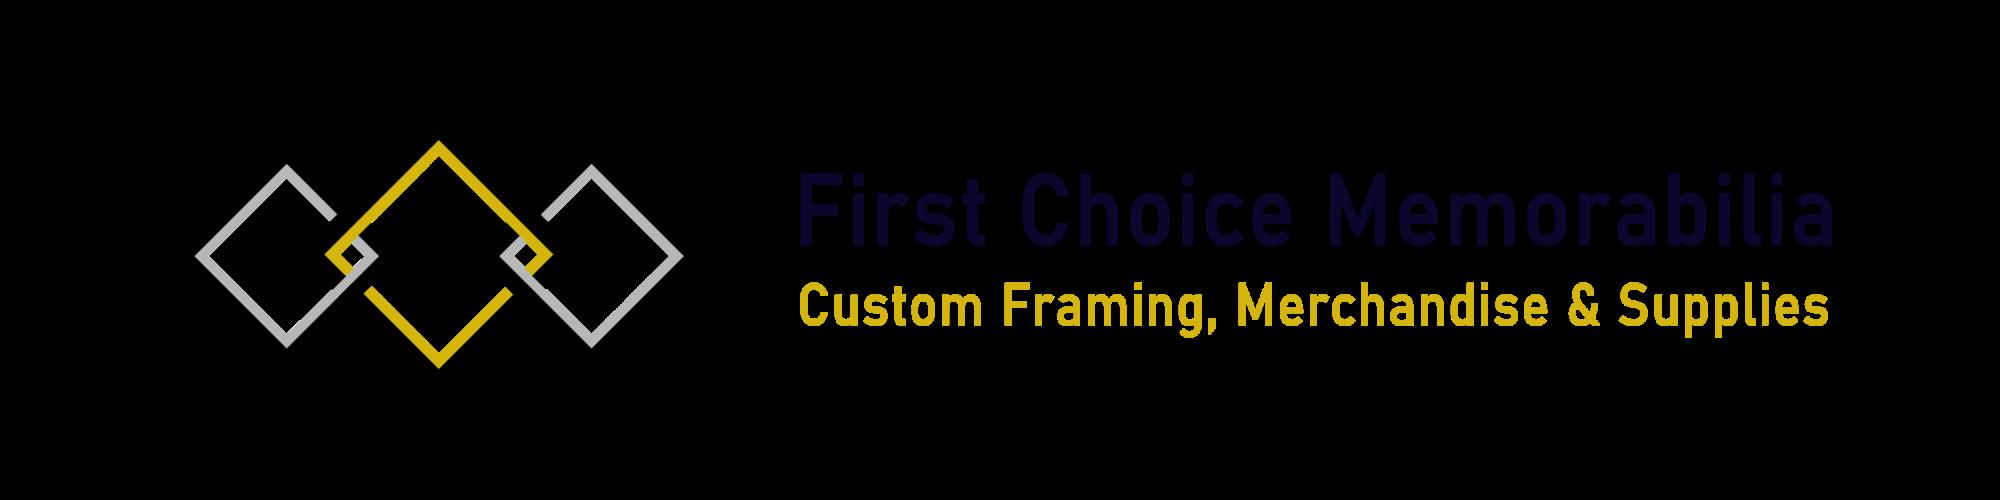 First Choice Memorabilia